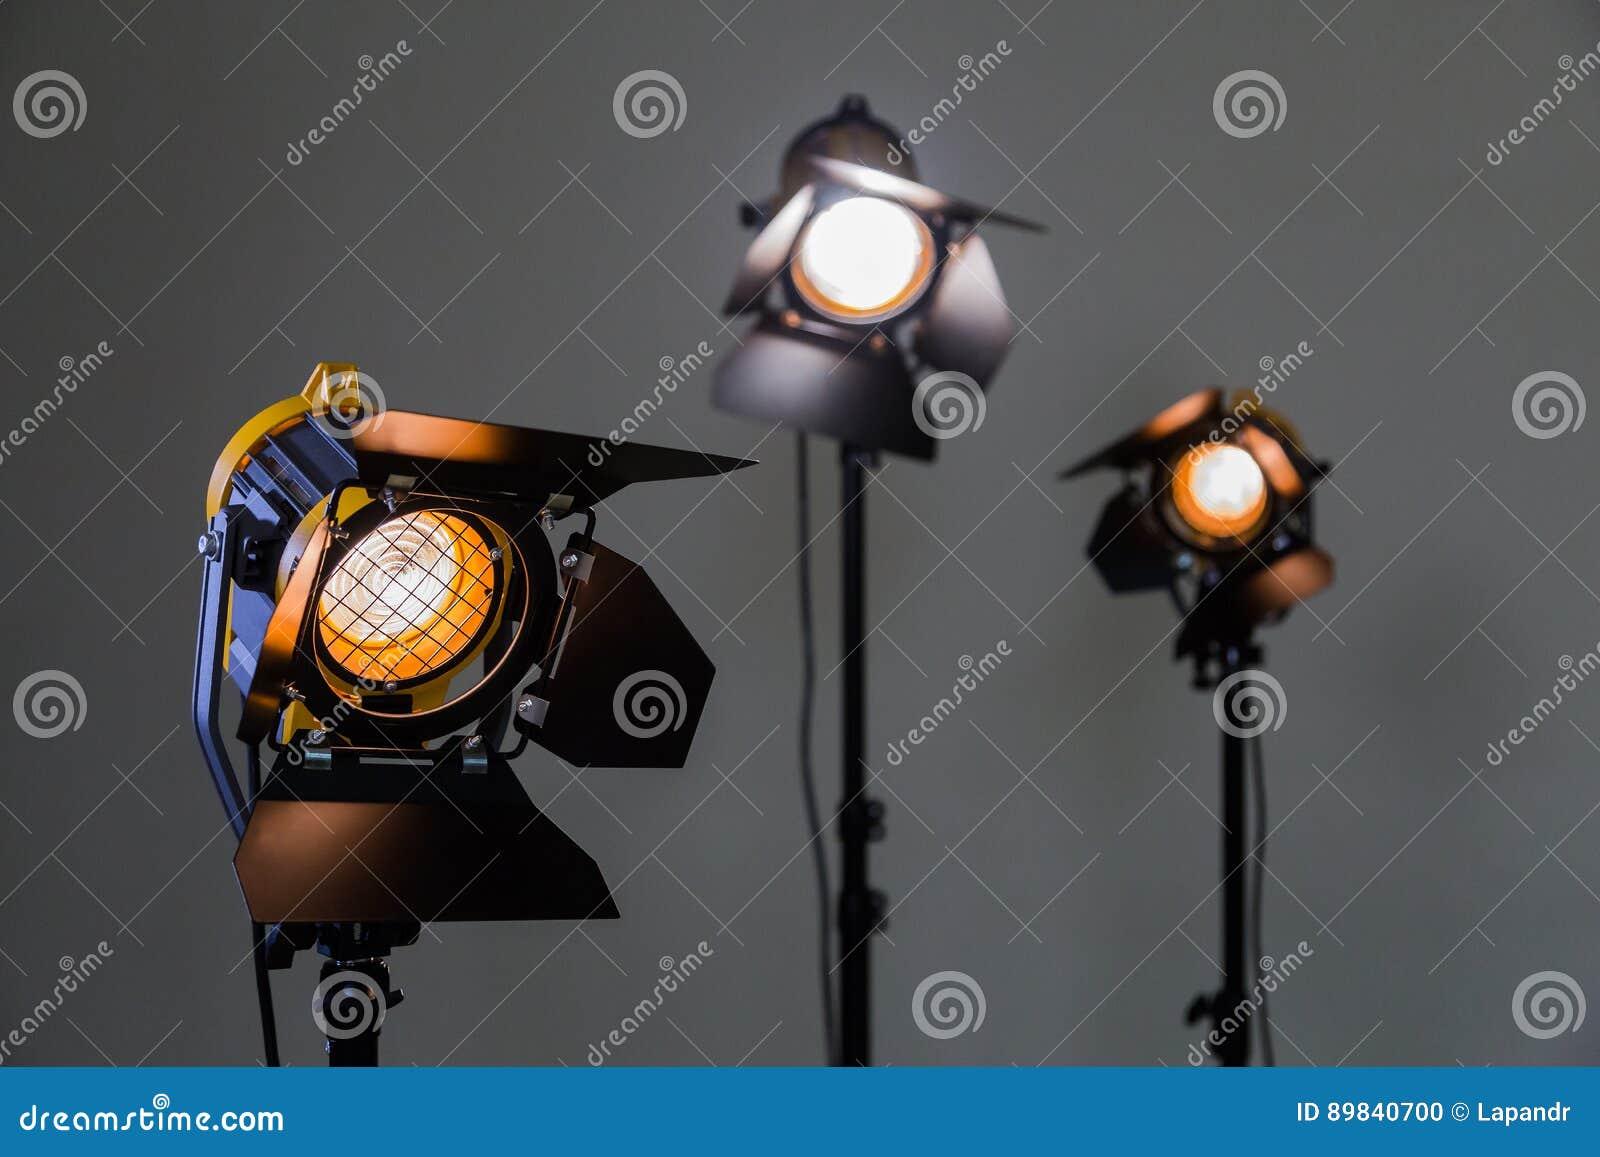 Τρία επίκεντρα αλόγονου με τους φακούς Fresnel σε ένα γκρίζο υπόβαθρο Φωτογράφιση και μαγνητοσκόπηση στο εσωτερικό